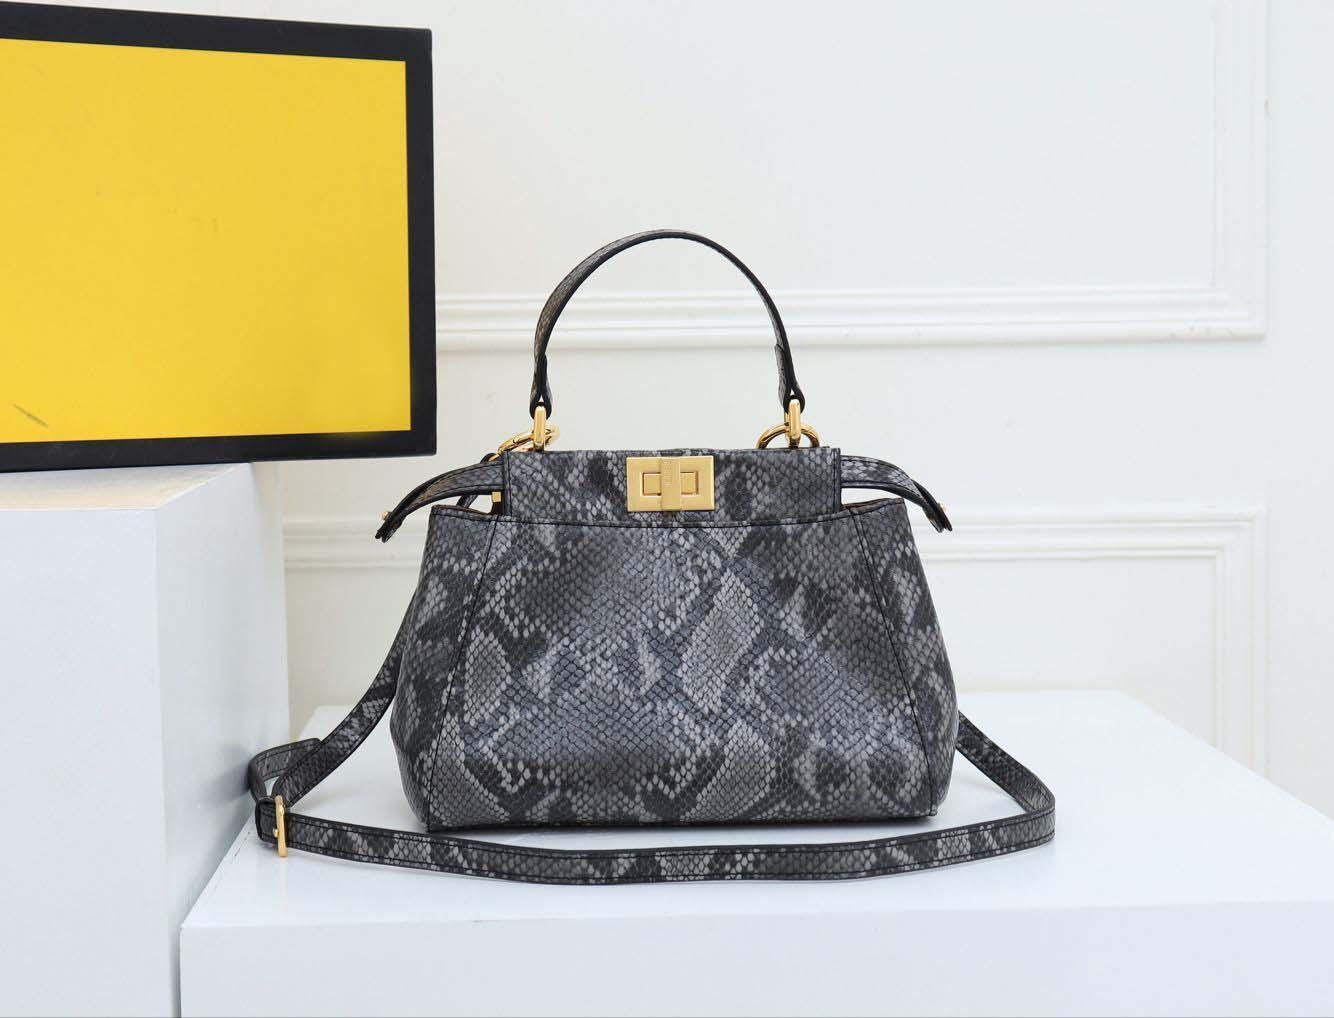 heiße Handtaschendesignerhandtaschendame Shoulder Bags Tote Cross Body sackt ursprünglichen Telefonbeutel der Hardware-Damen 23cm ein freies Verschiffen